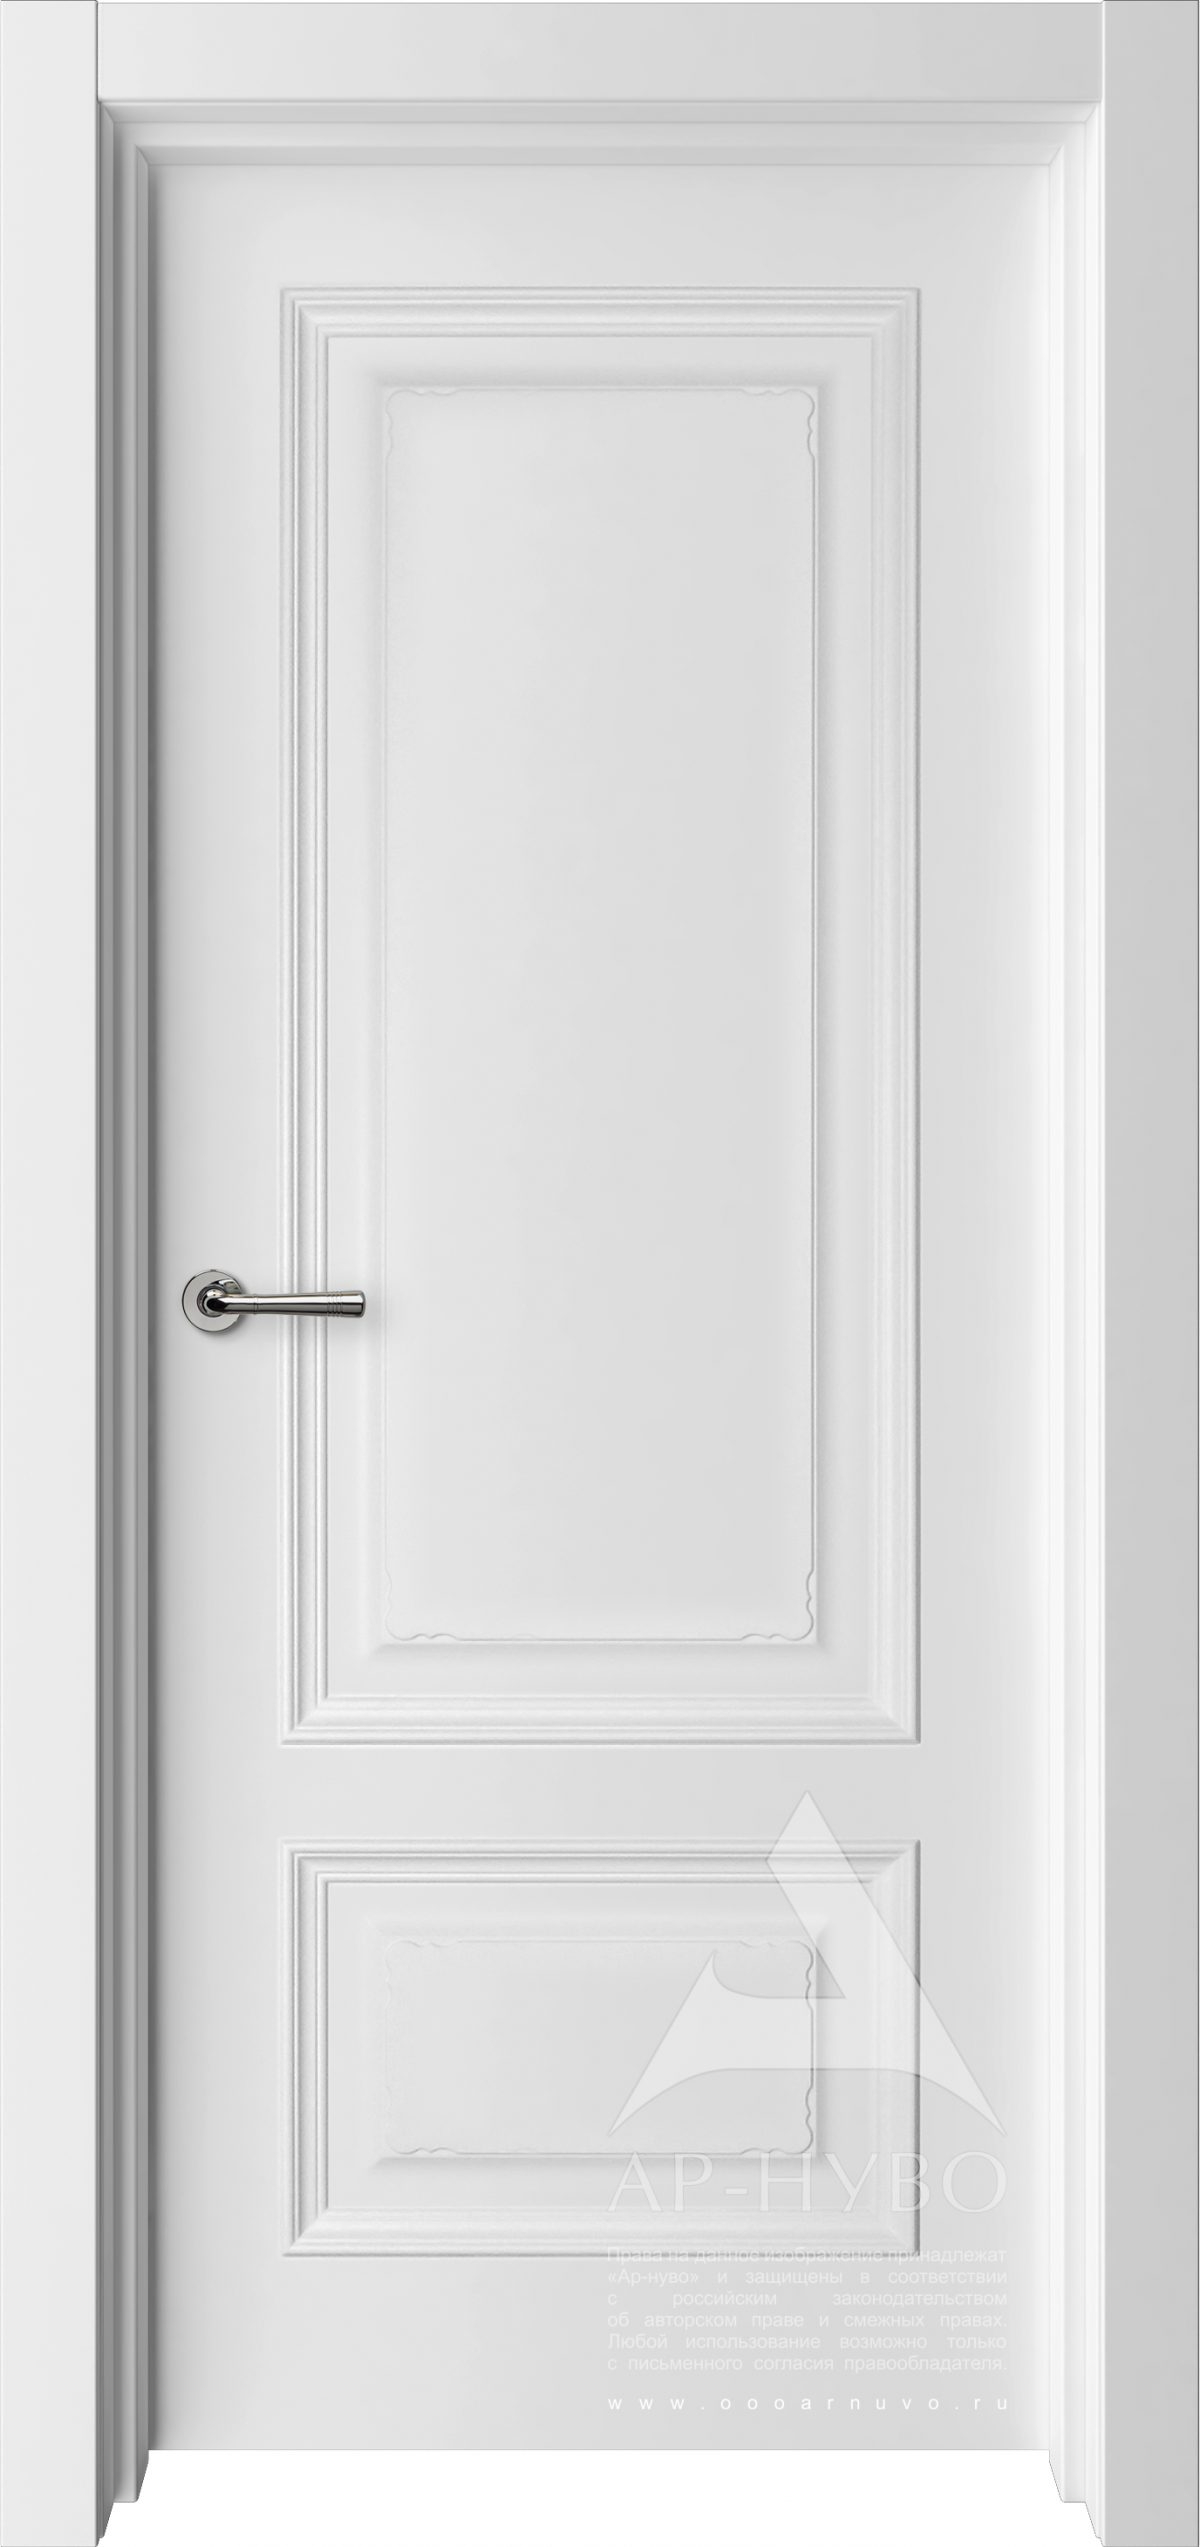 классическая межкомнатная белая дверь с узором